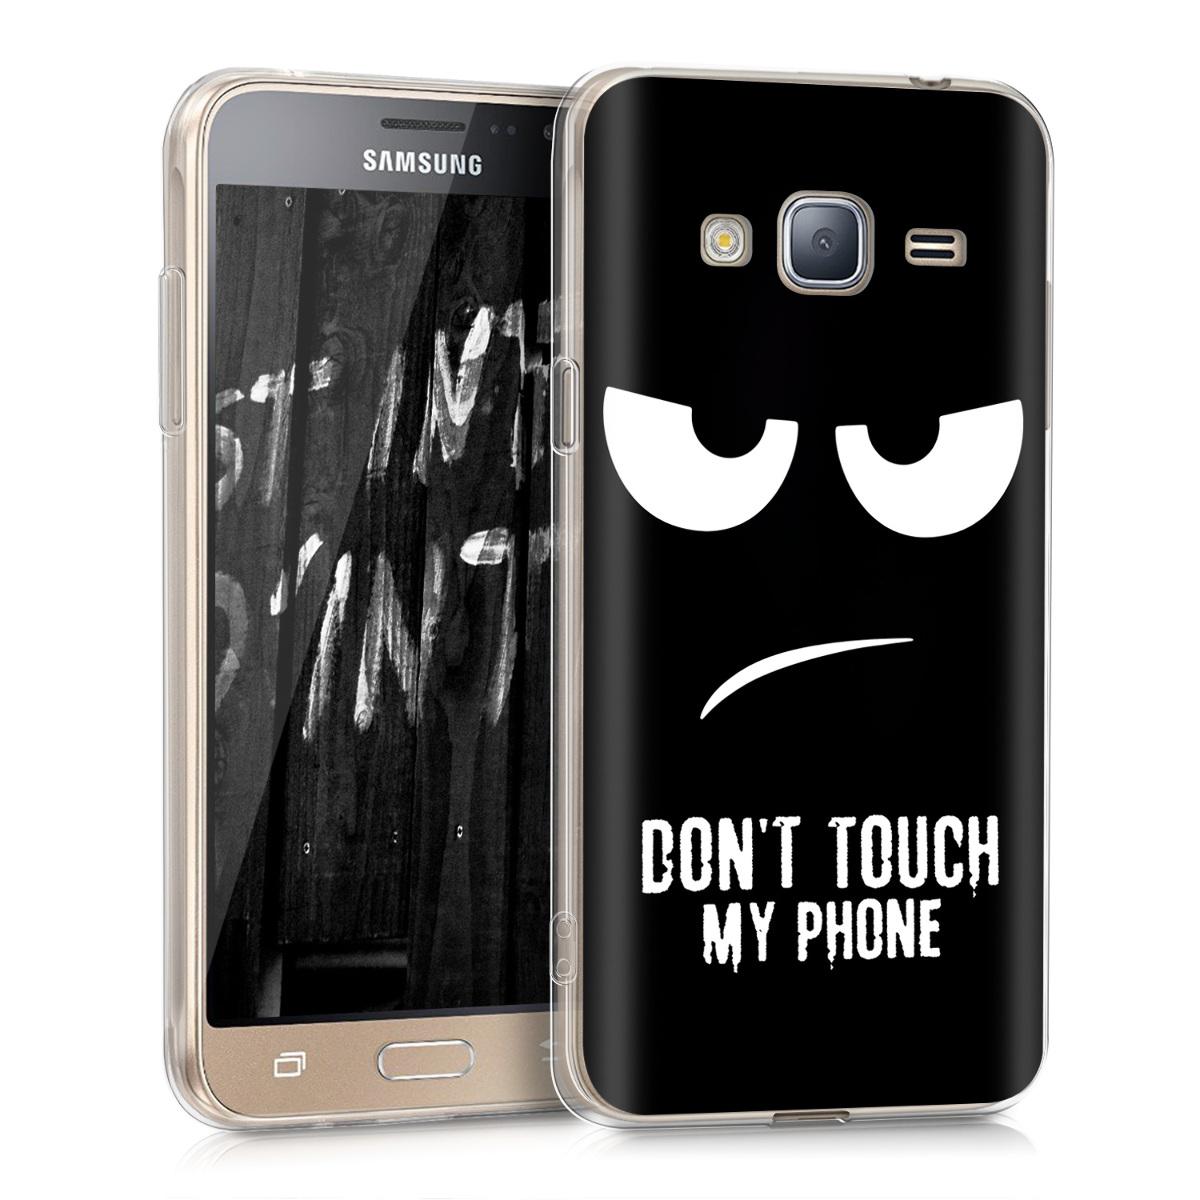 Kvalitní silikonové TPU pouzdro pro Samsung J3 (2016) DUOS - Nedotýkejte My Phone bílé / černé